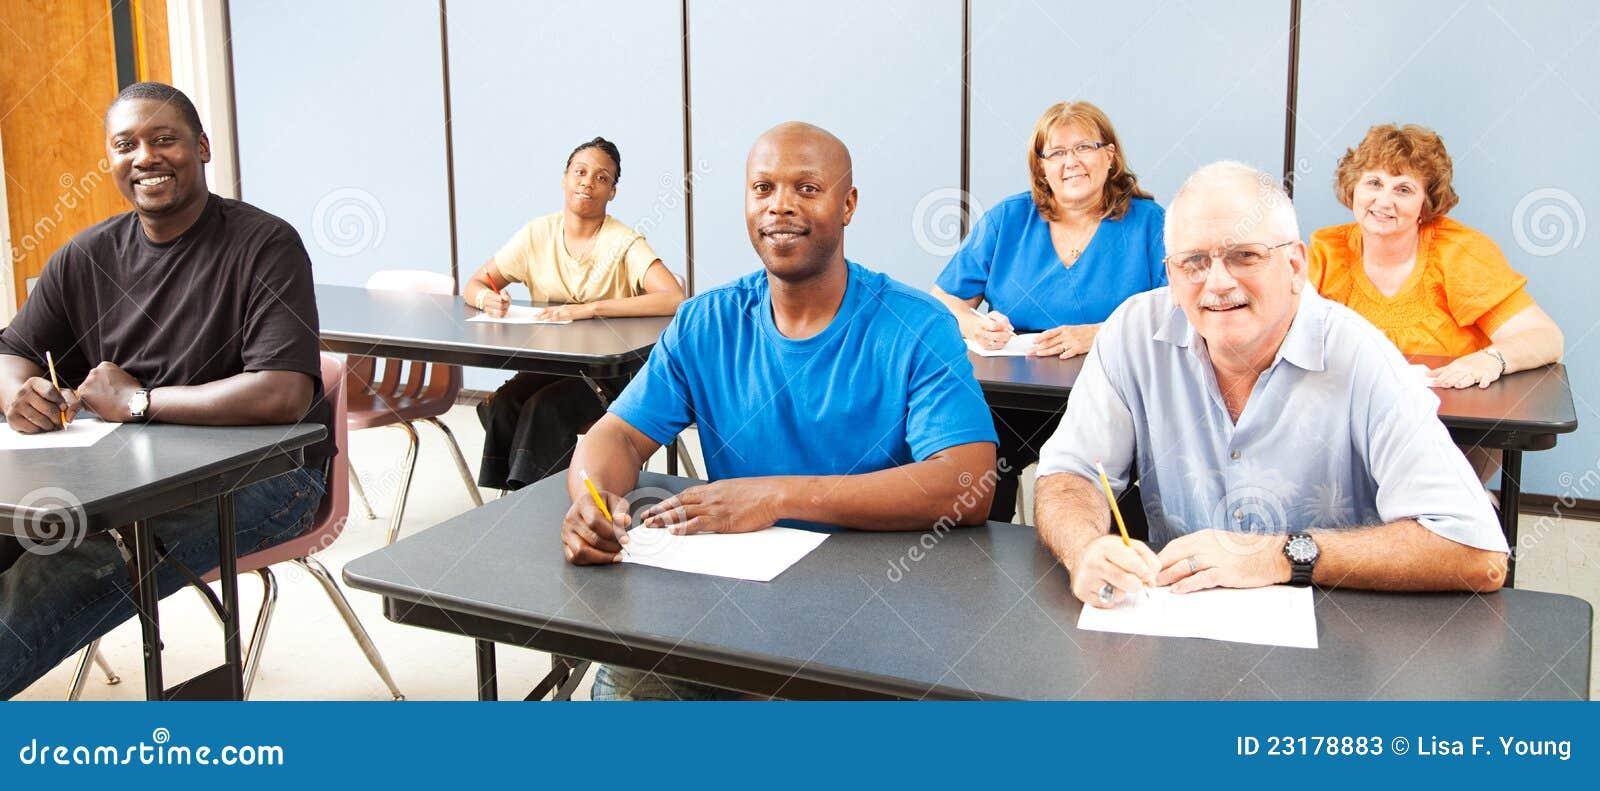 成人横幅分集教育